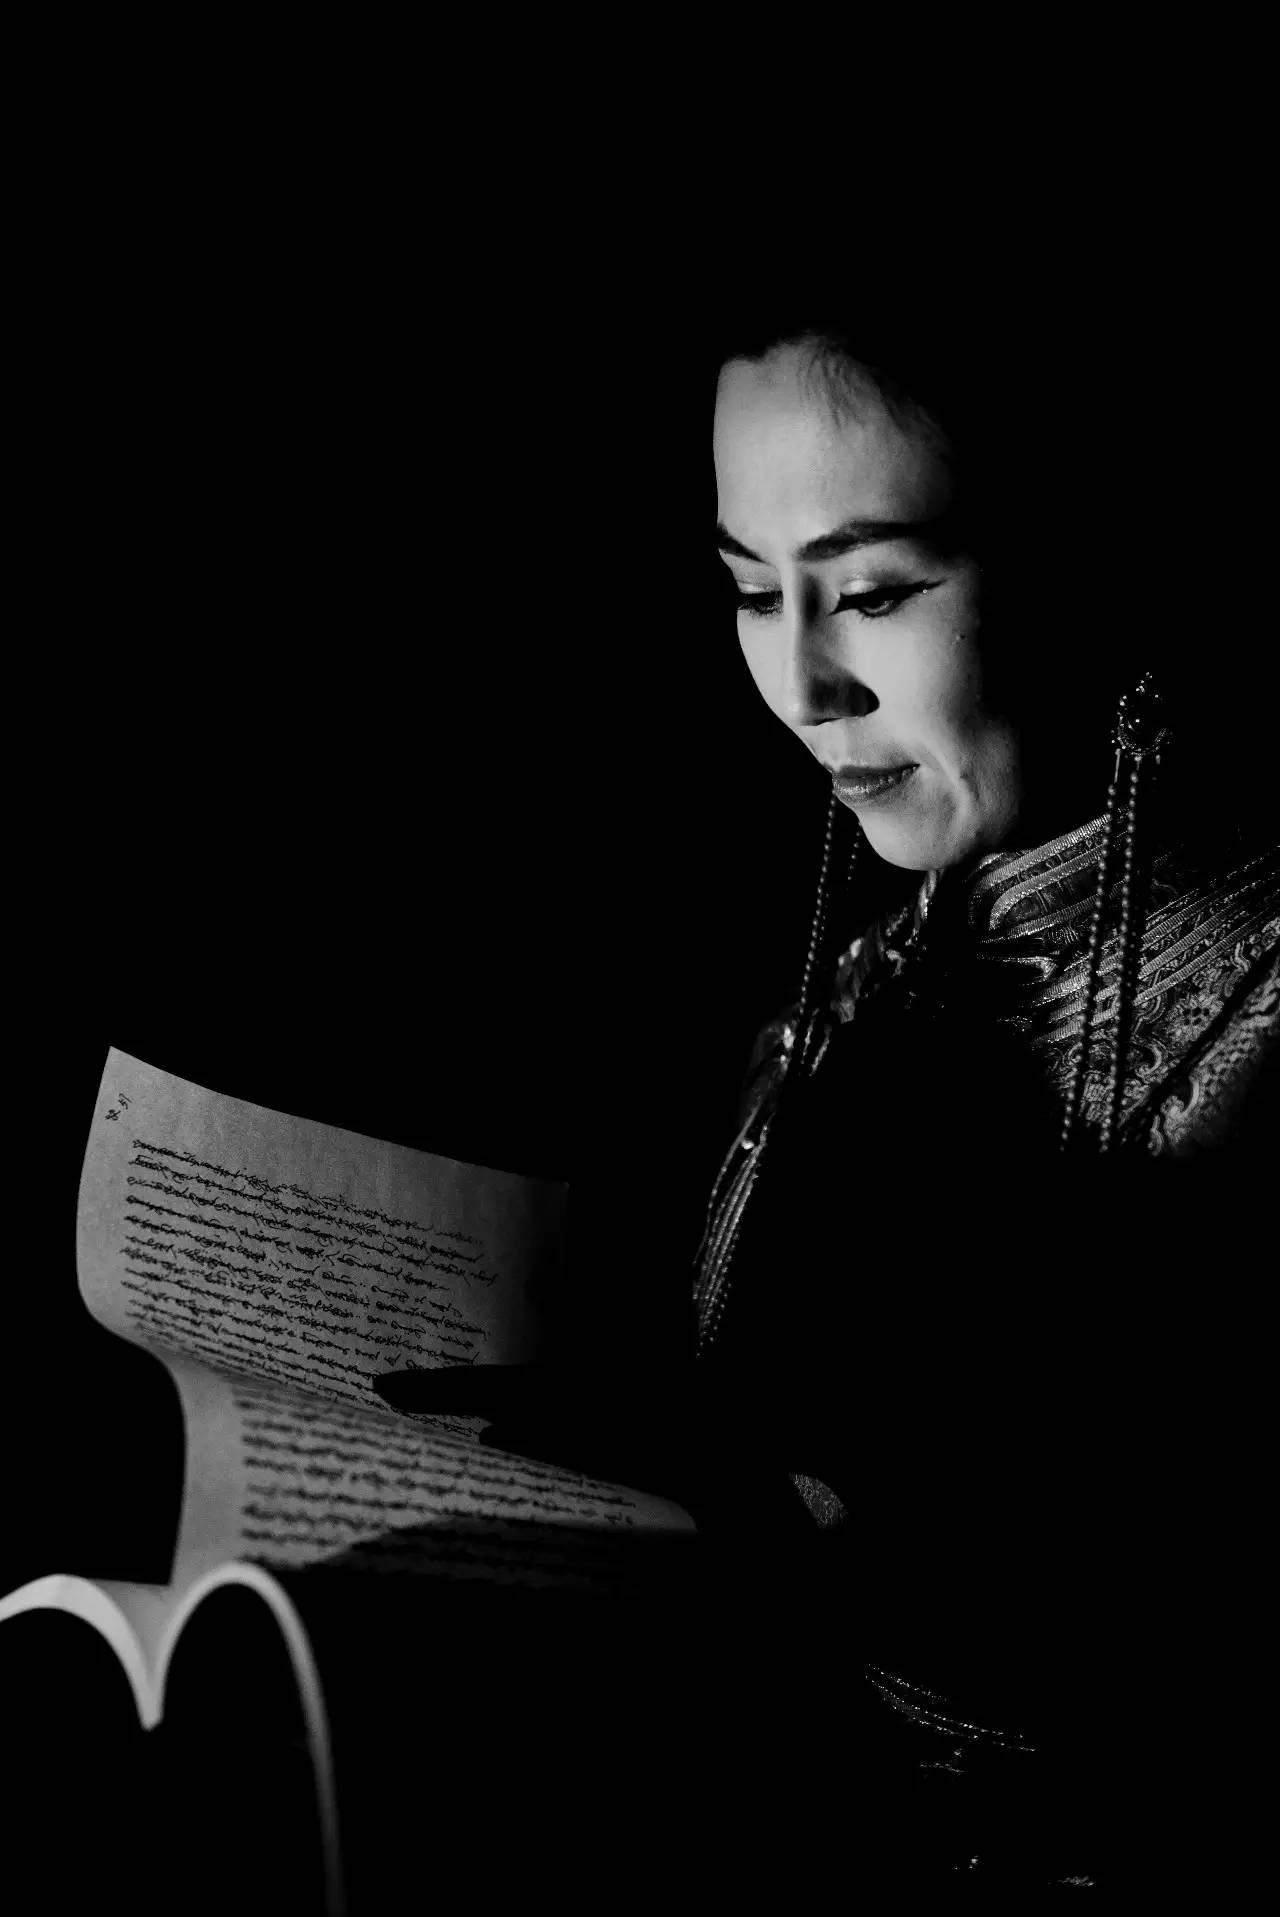 【ANU美图】摄影师吉雅:传统蒙古族牧民黑白纪实作品欣赏 第11张